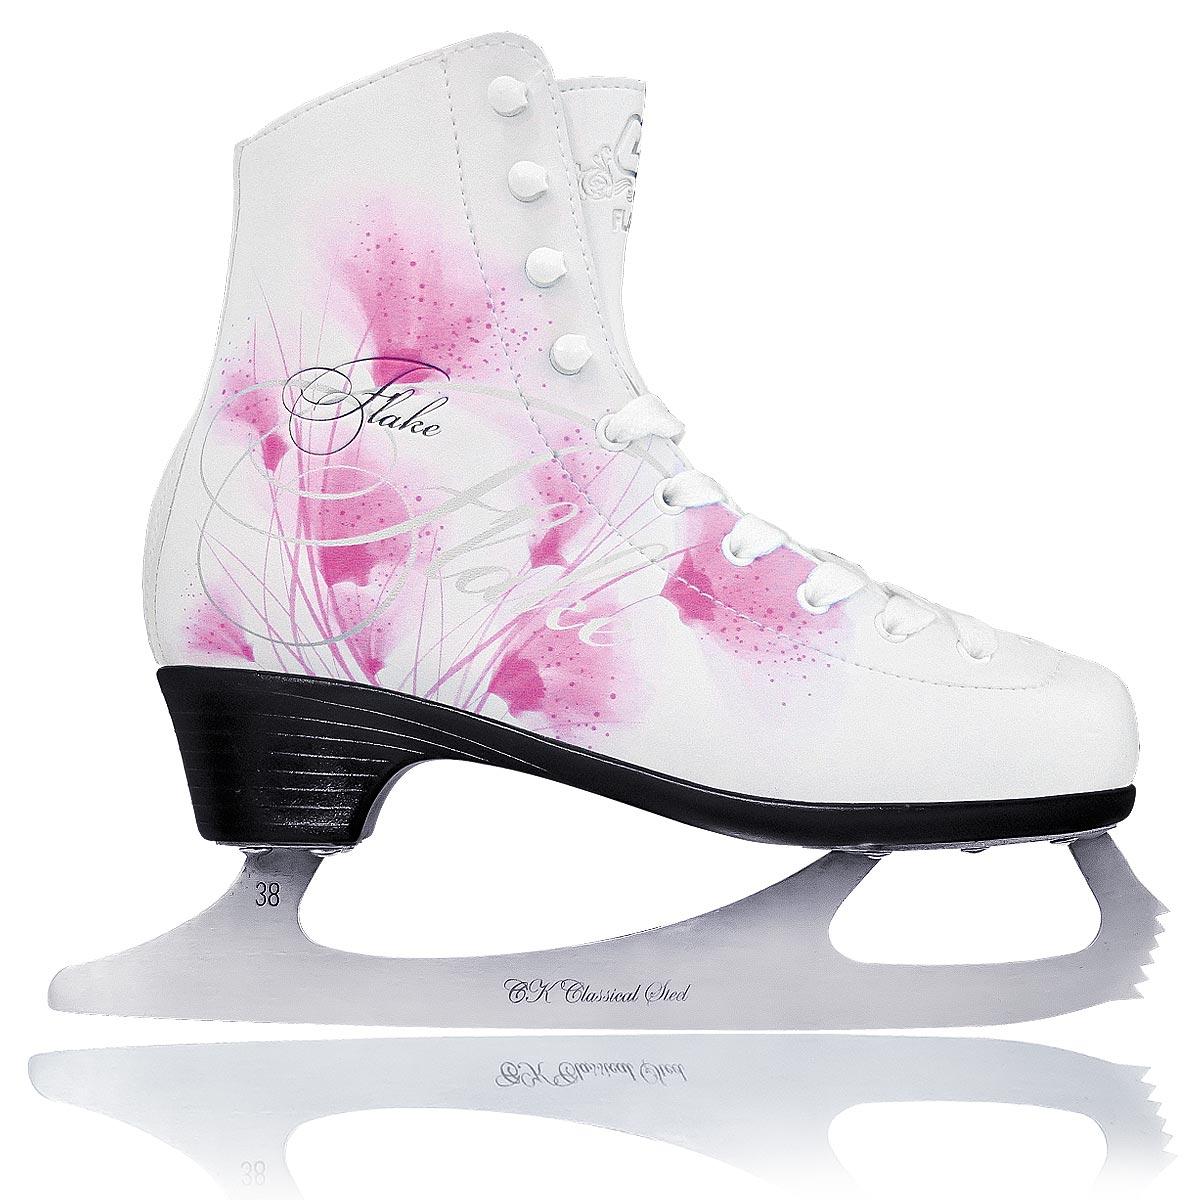 Коньки фигурные для девочки CK Flake Leather, цвет: белый, фуксия. Размер 34FLAKE leather_белый, фуксия_34